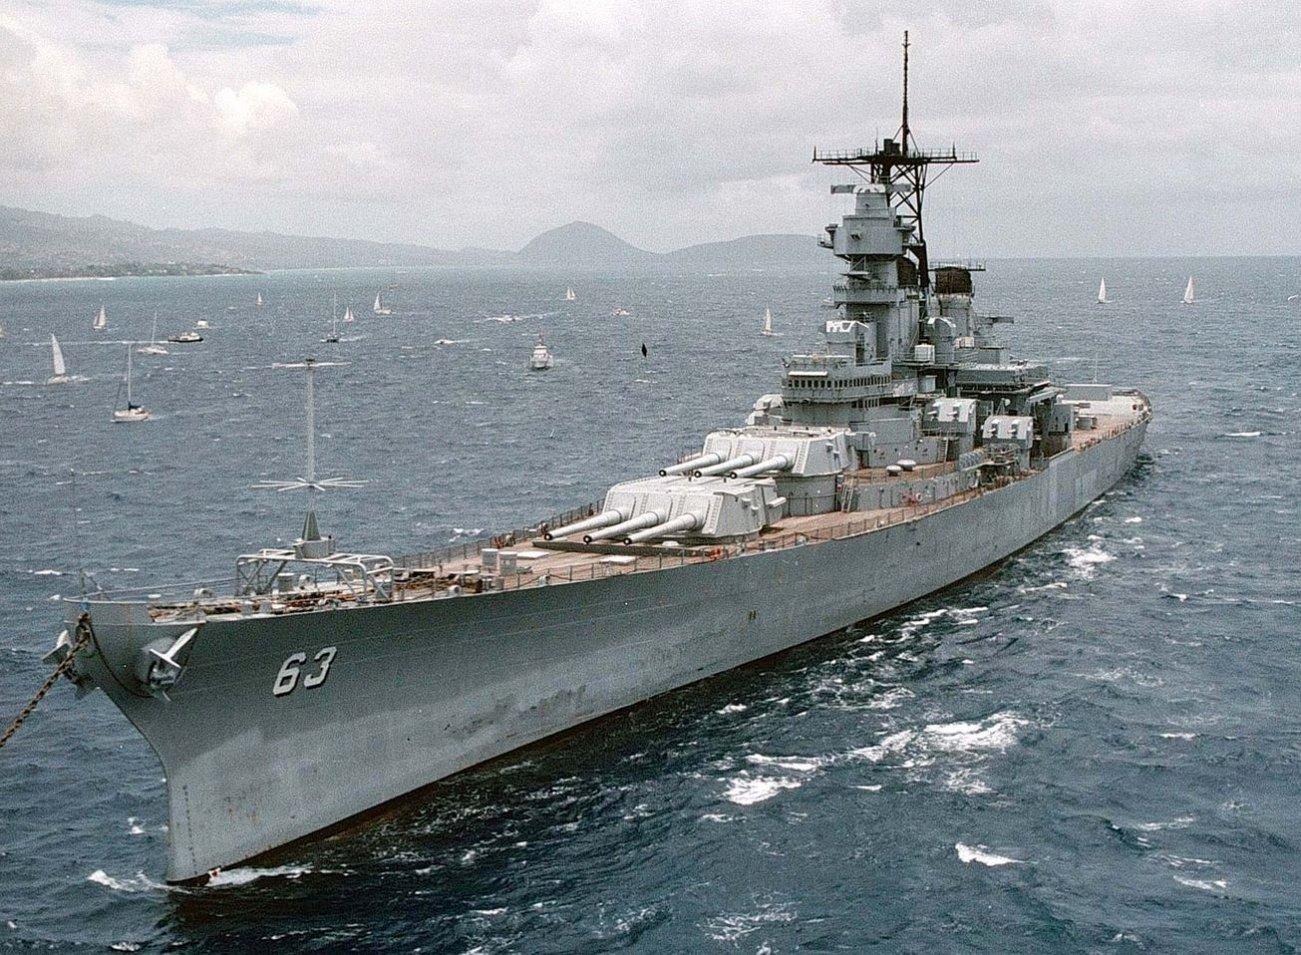 Warship Battle: Could an Iowa-Class Battleship Sink the Nazis' Bismarck